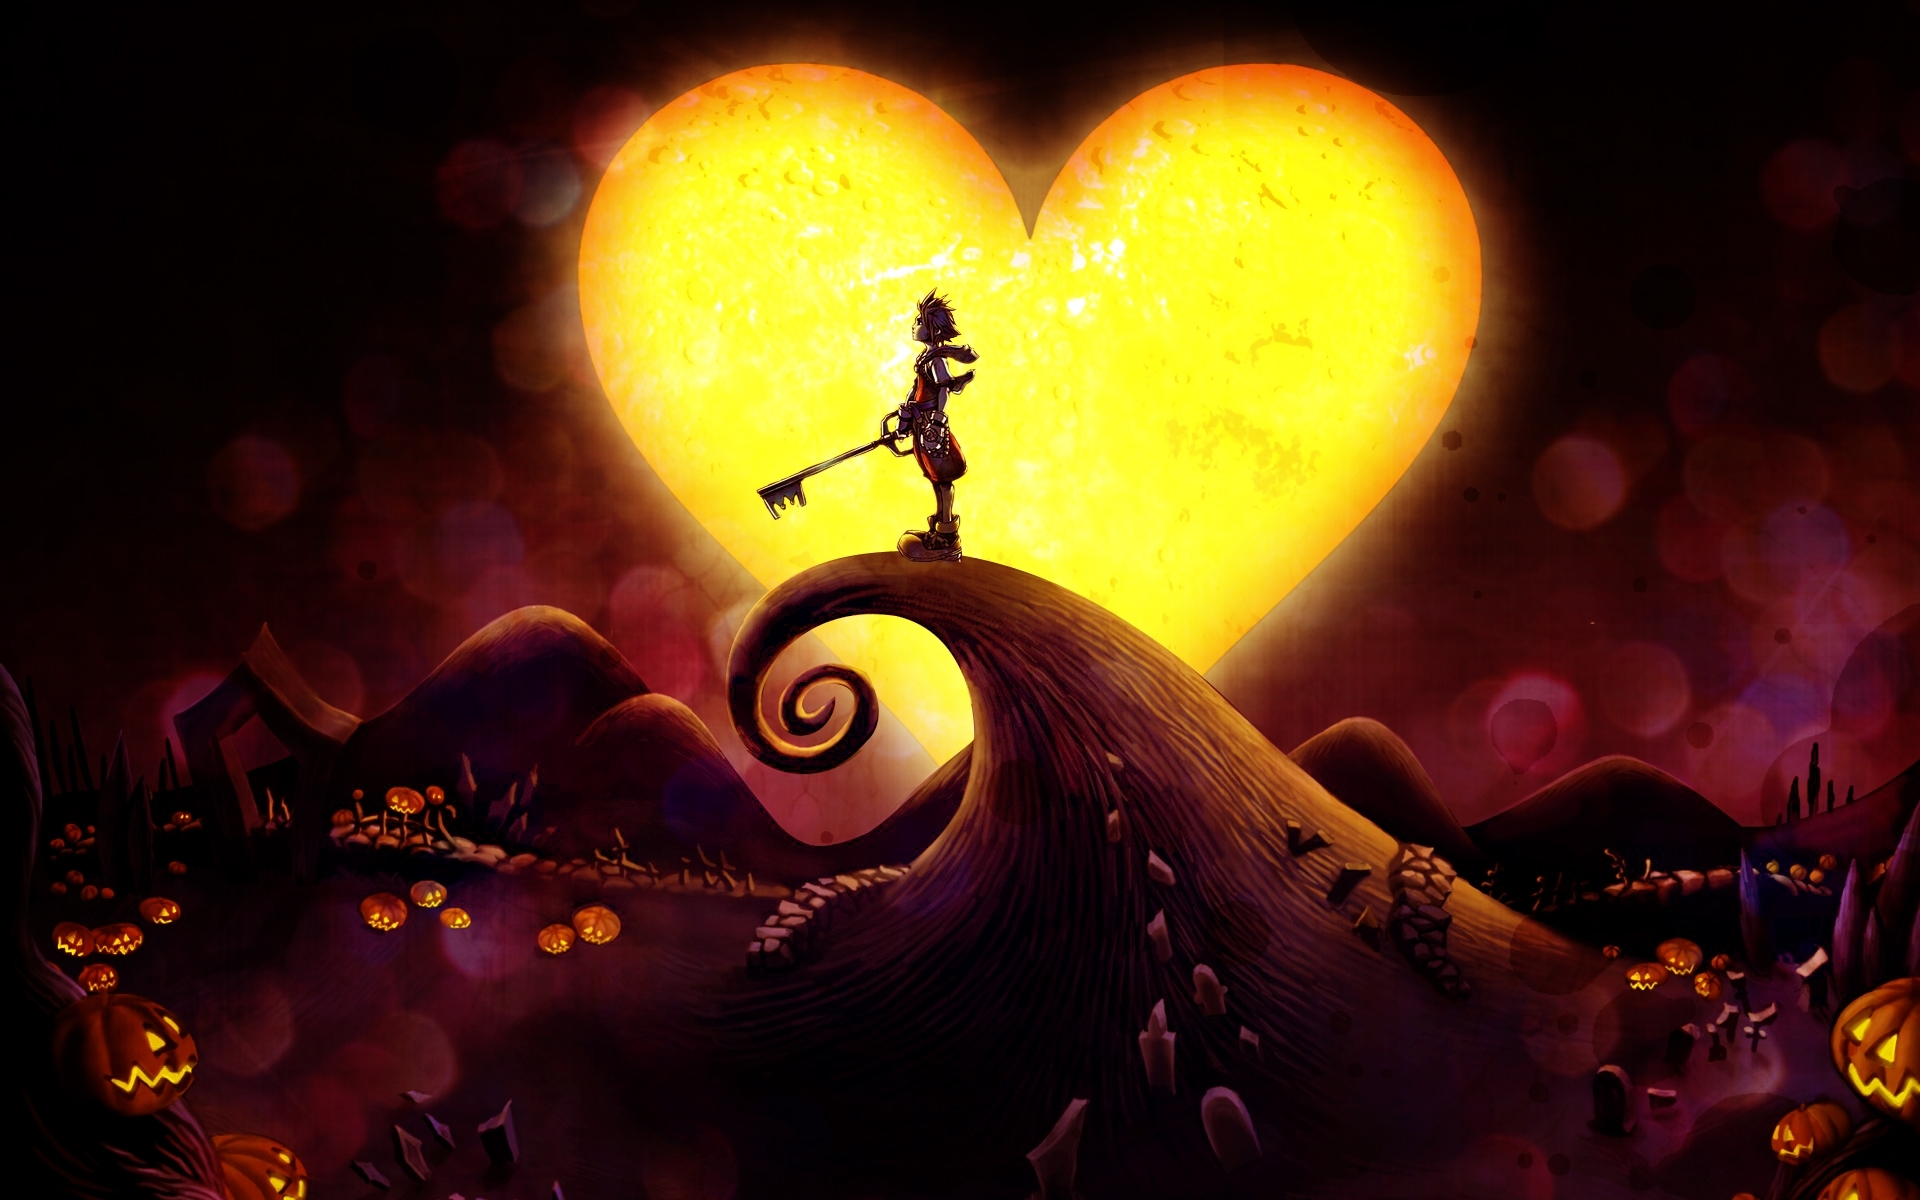 kingdom hearts wallpaper #1449600 - zerochan anime image board